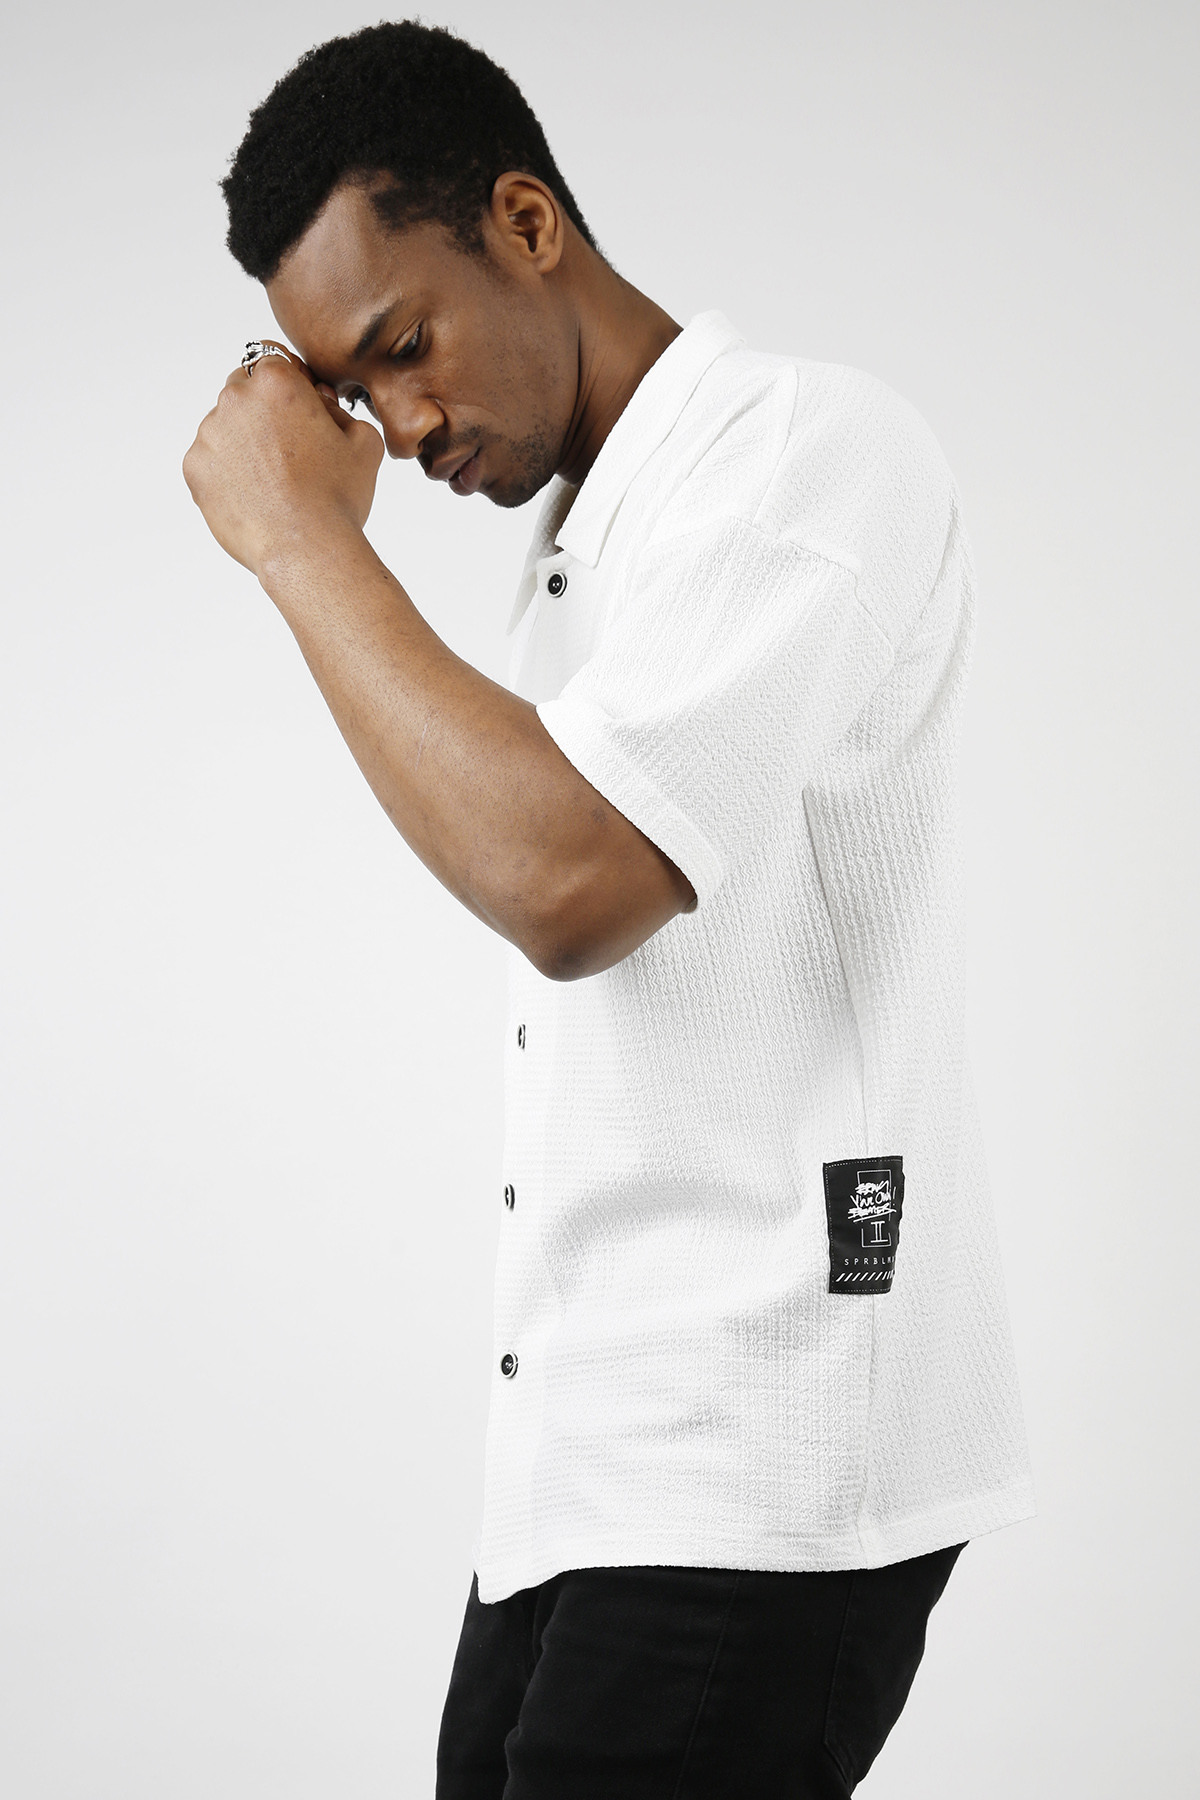 XHAN - Beyaz Salaş Kısa Kollu Gömlek 1KXE2-44733-01